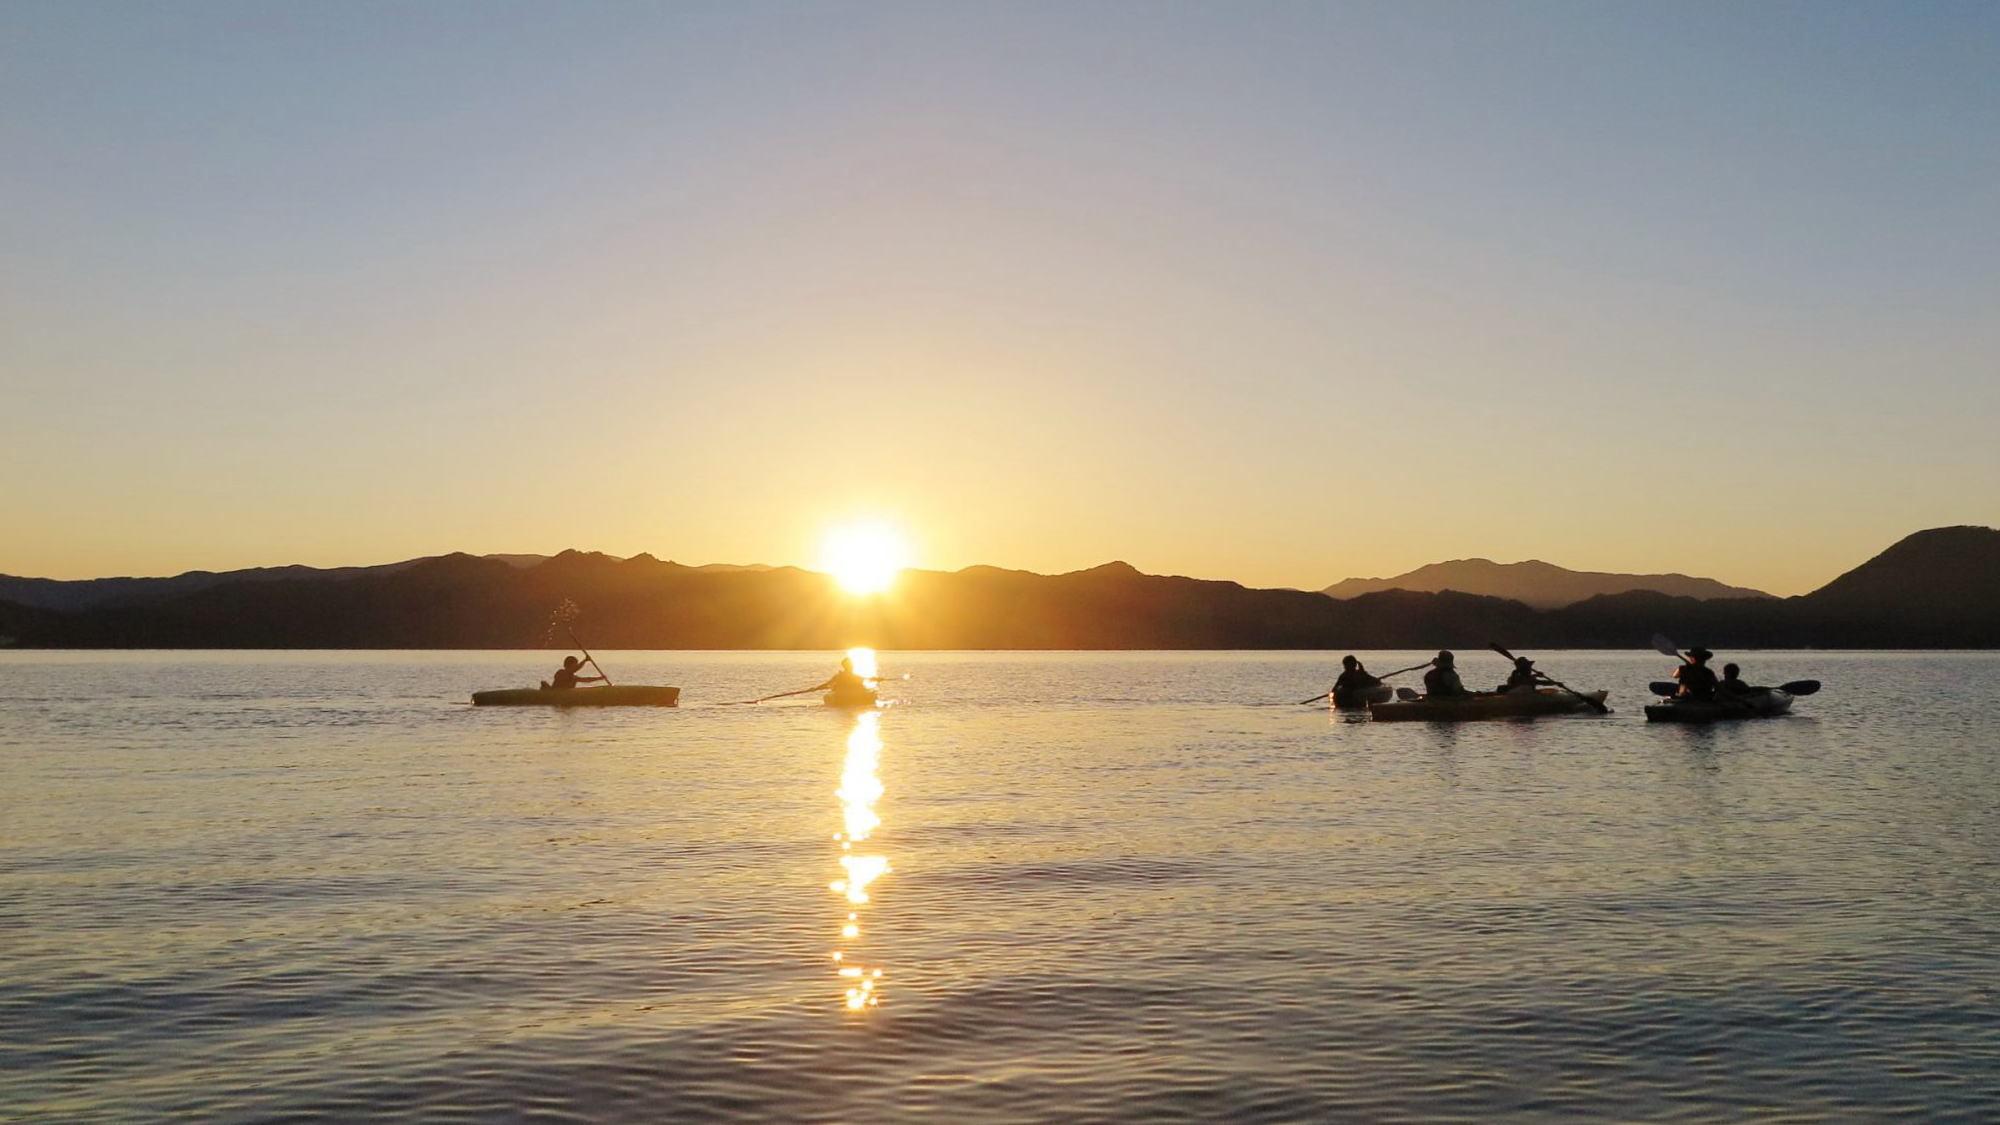 【田沢湖サンセットカヤックツアー体験付き!】沈む夕日と自然を楽しむ♪ご夕食は秋田の郷土バイキング